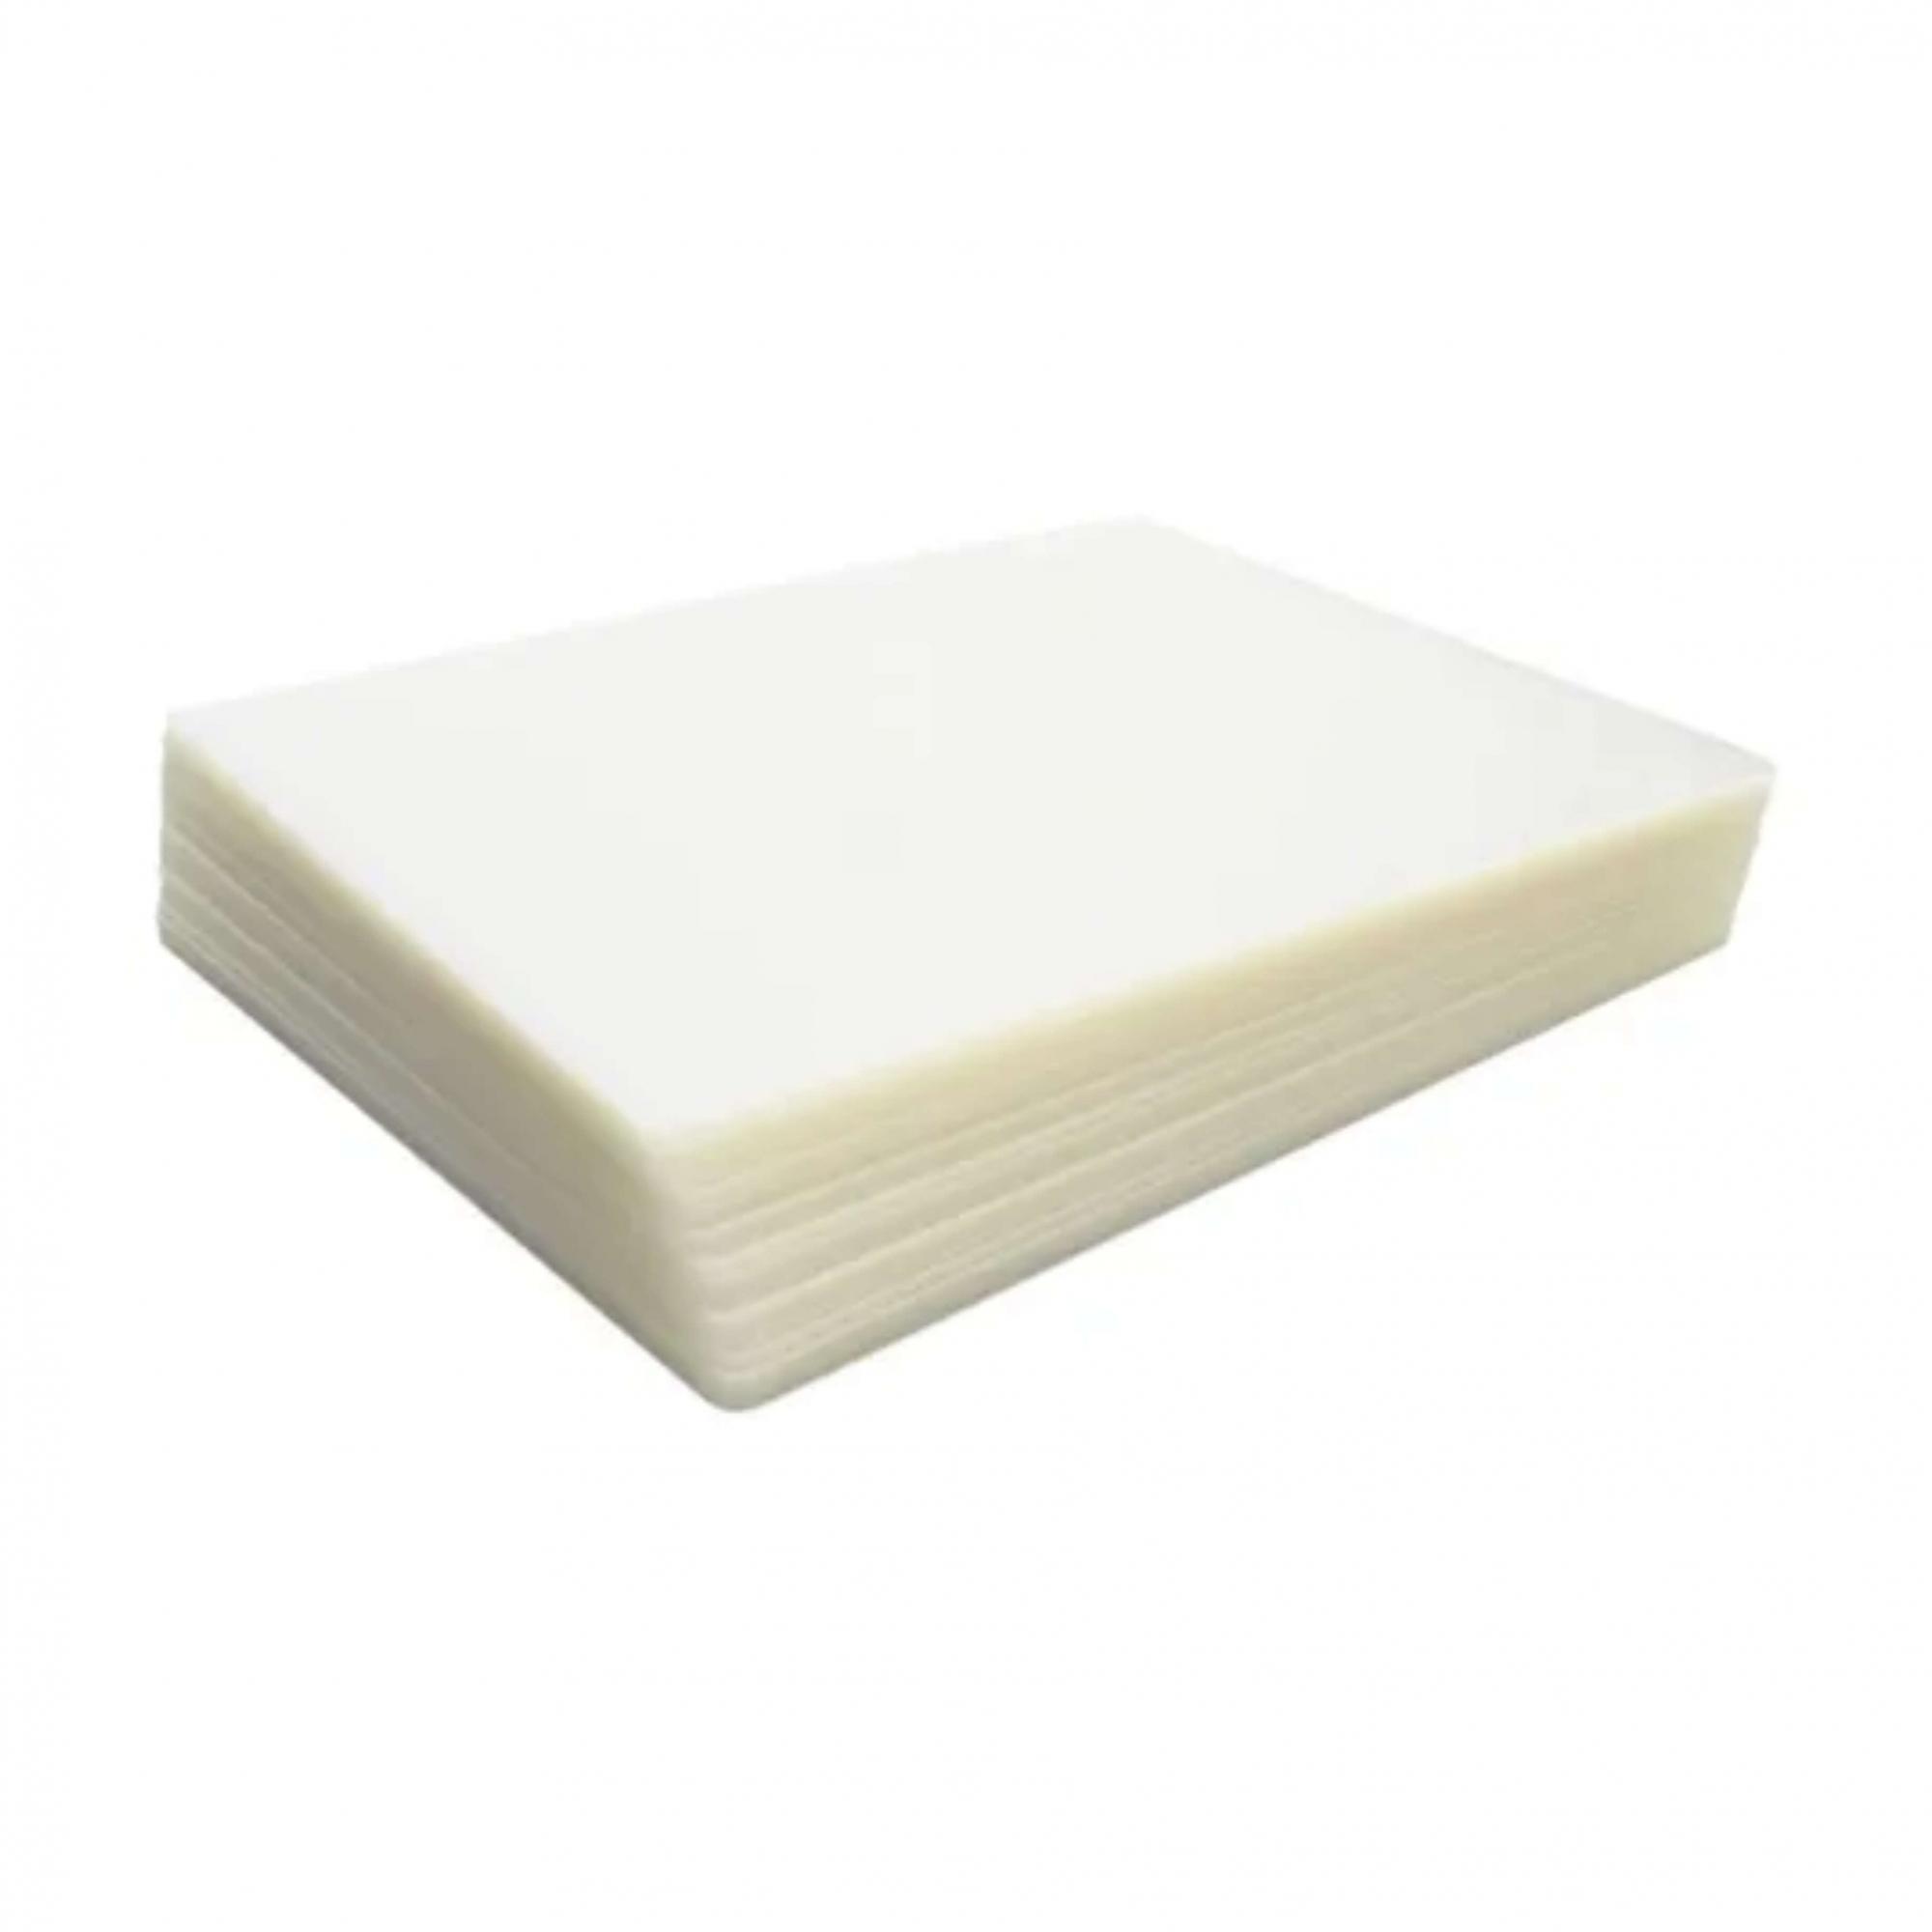 Polaseal Plástico para Plastificação RG 80x110x0,05mm 100un